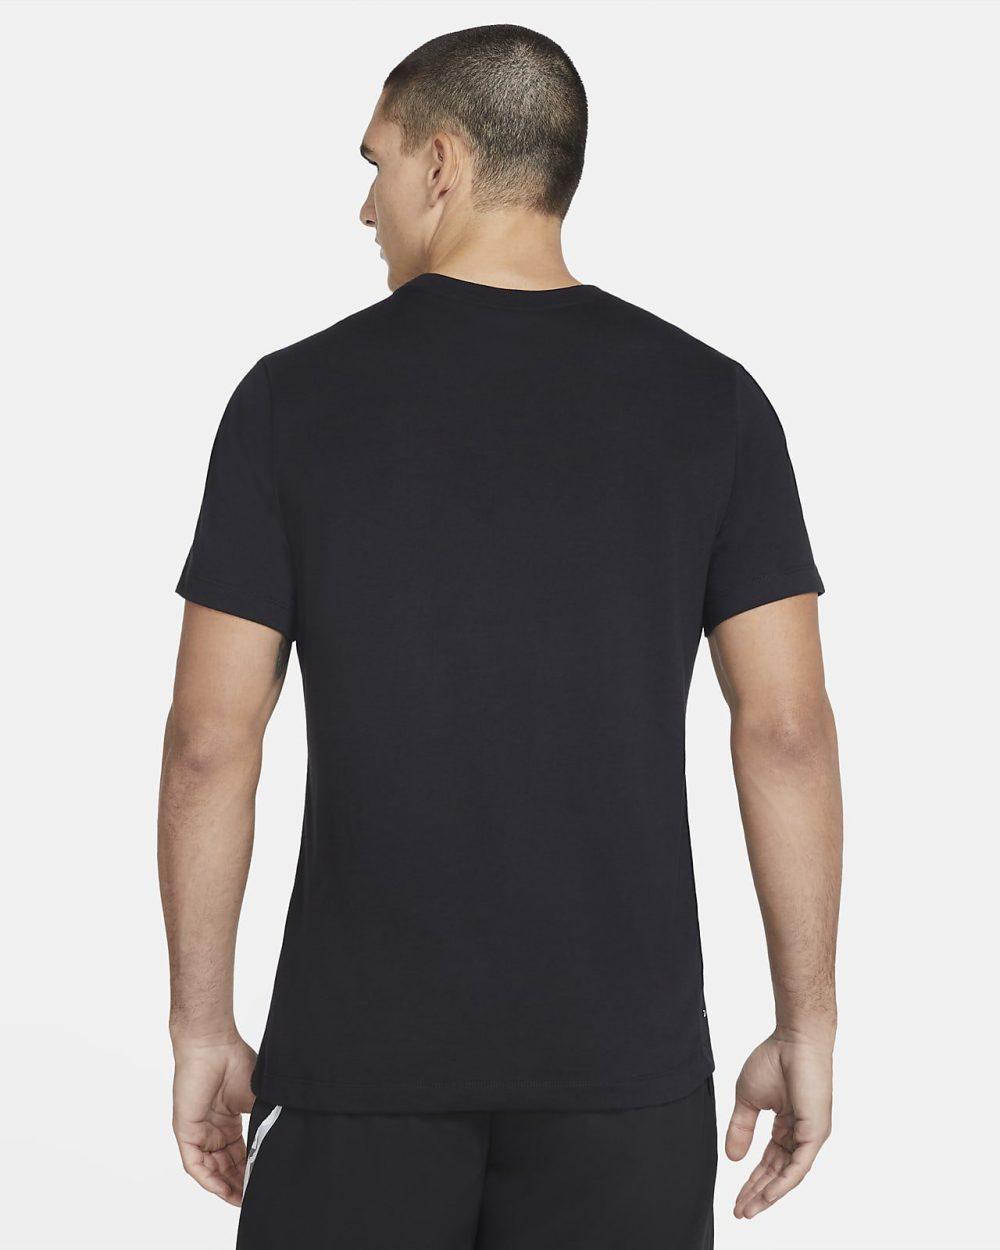 dri-fit-hwpo-training-t-shirt-735kKq